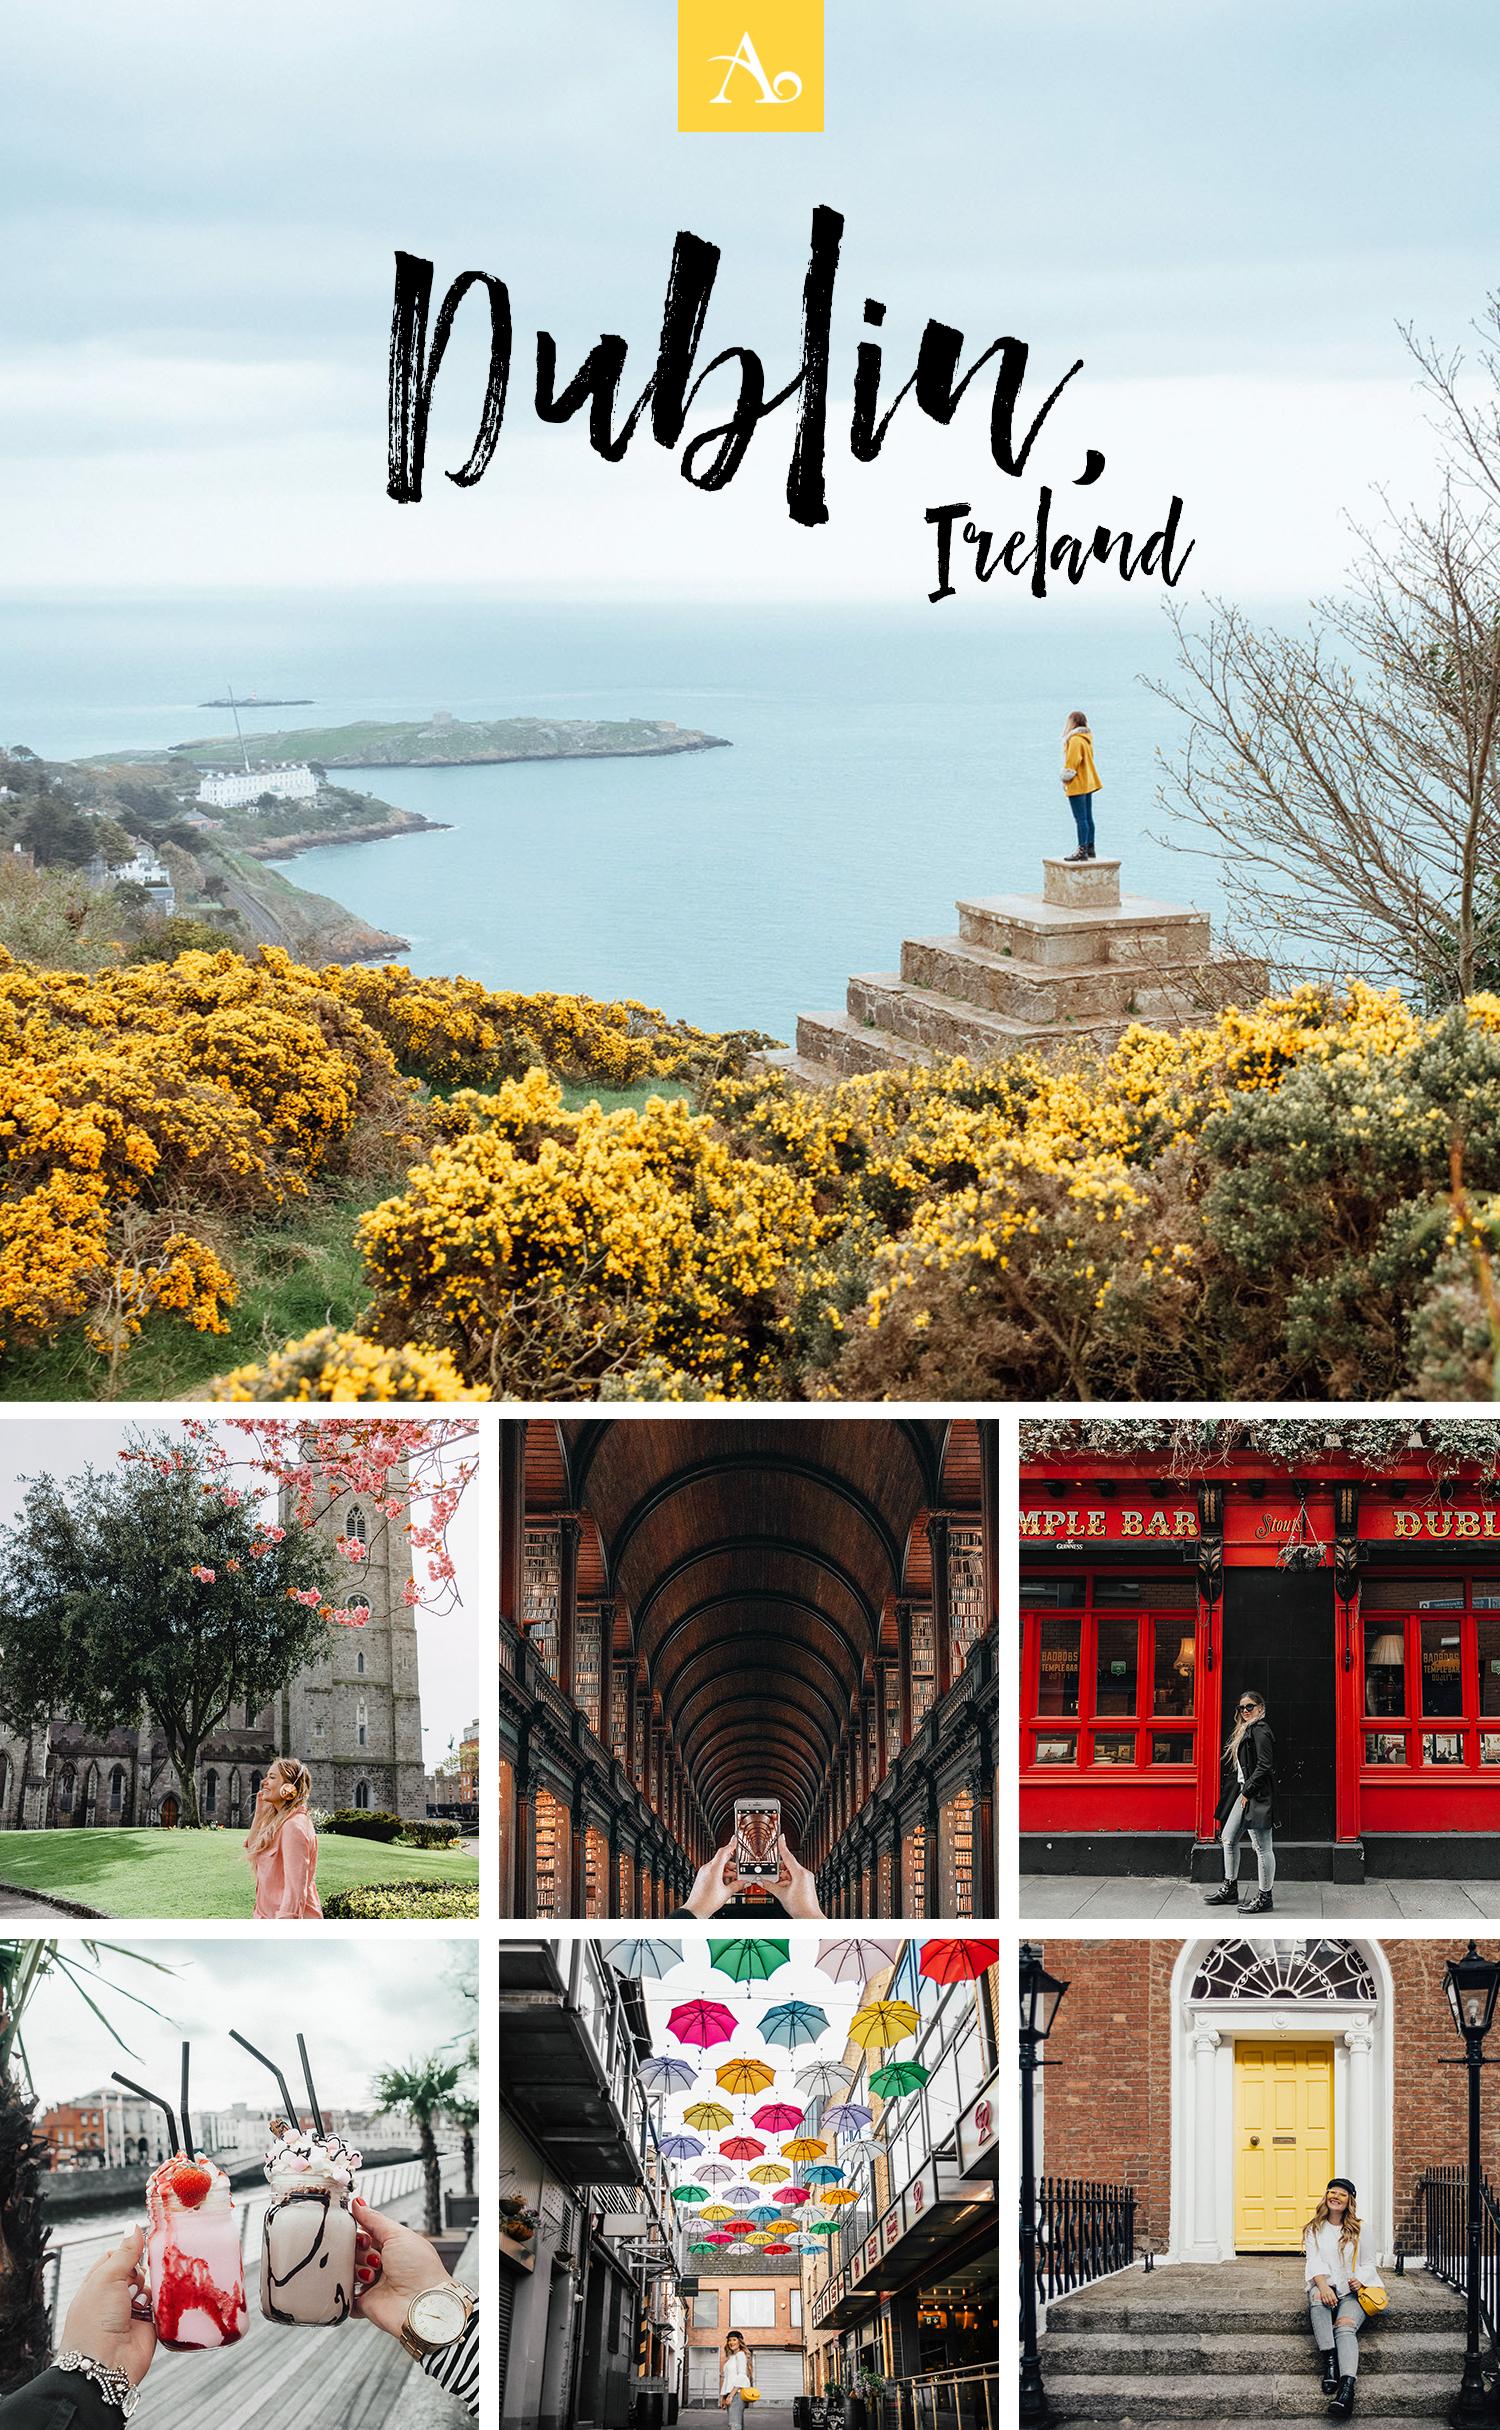 Instagram Miss Instagram Ireland nude photos 2019